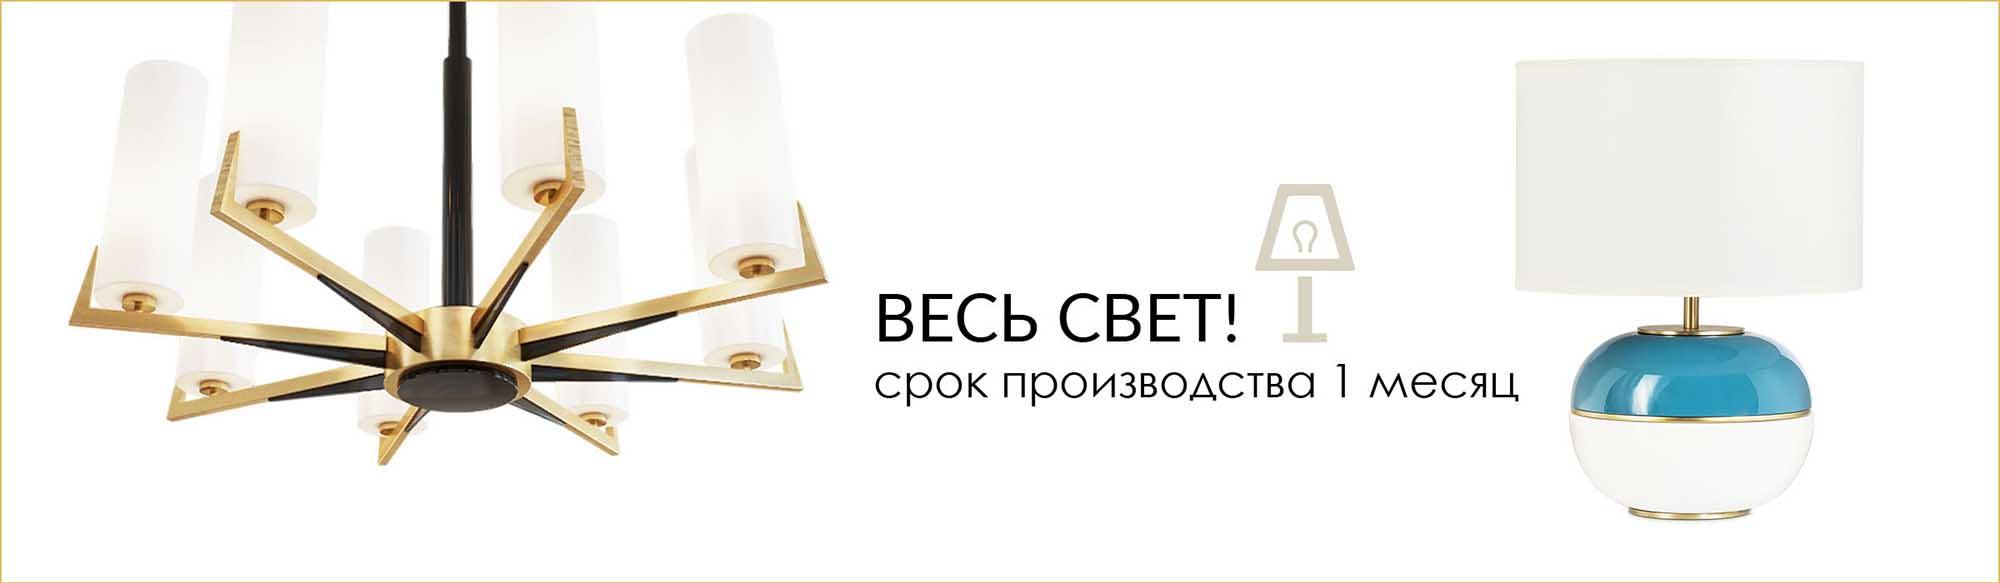 Дизайнерский свет от Any-home.ru